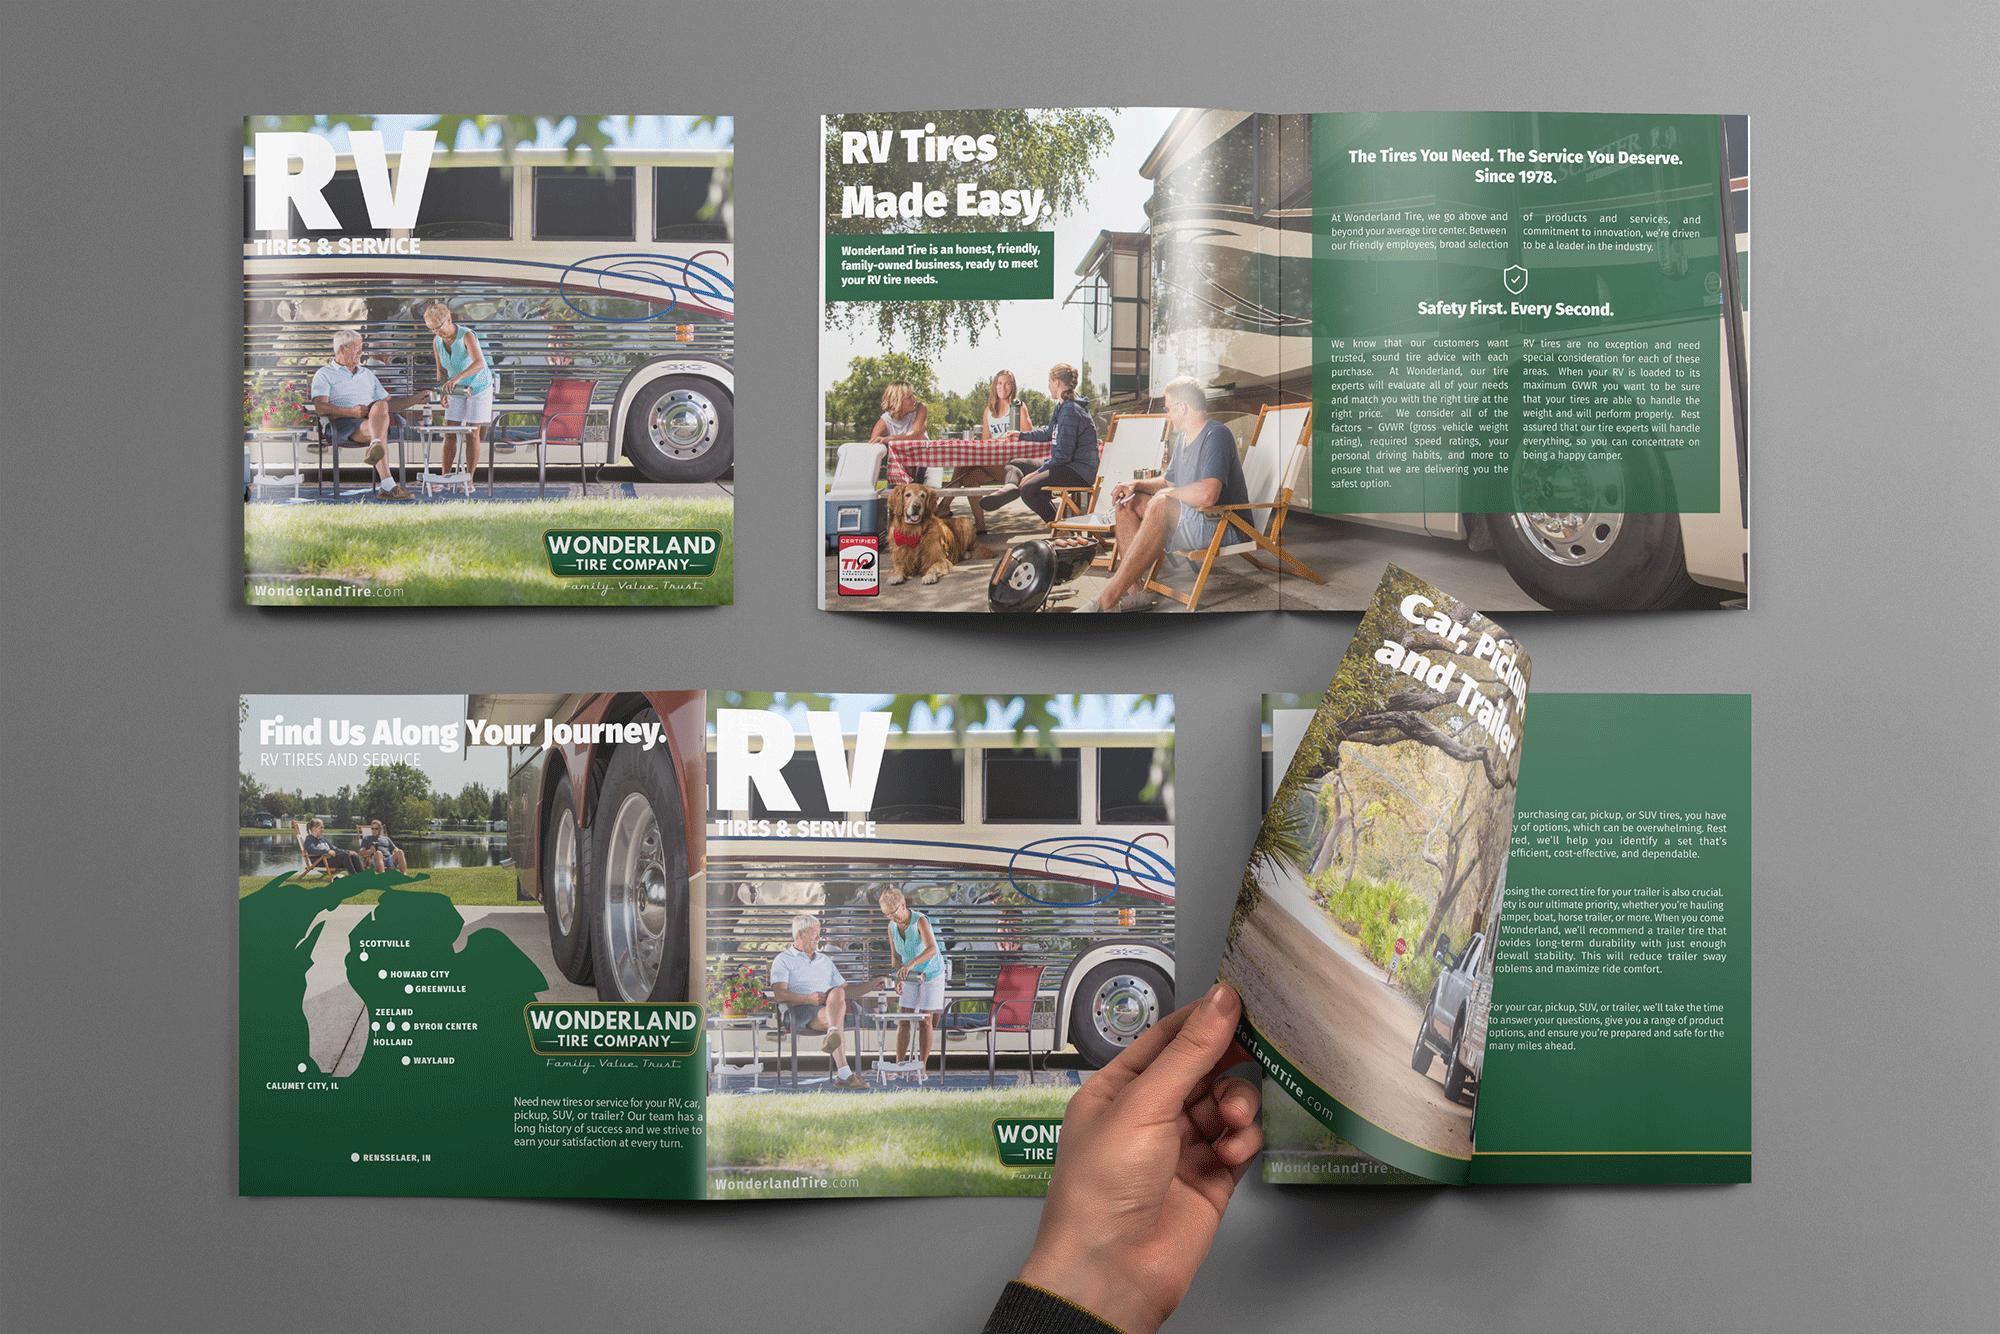 rv brochure design for wonderland tire company in Grand Rapids michigan